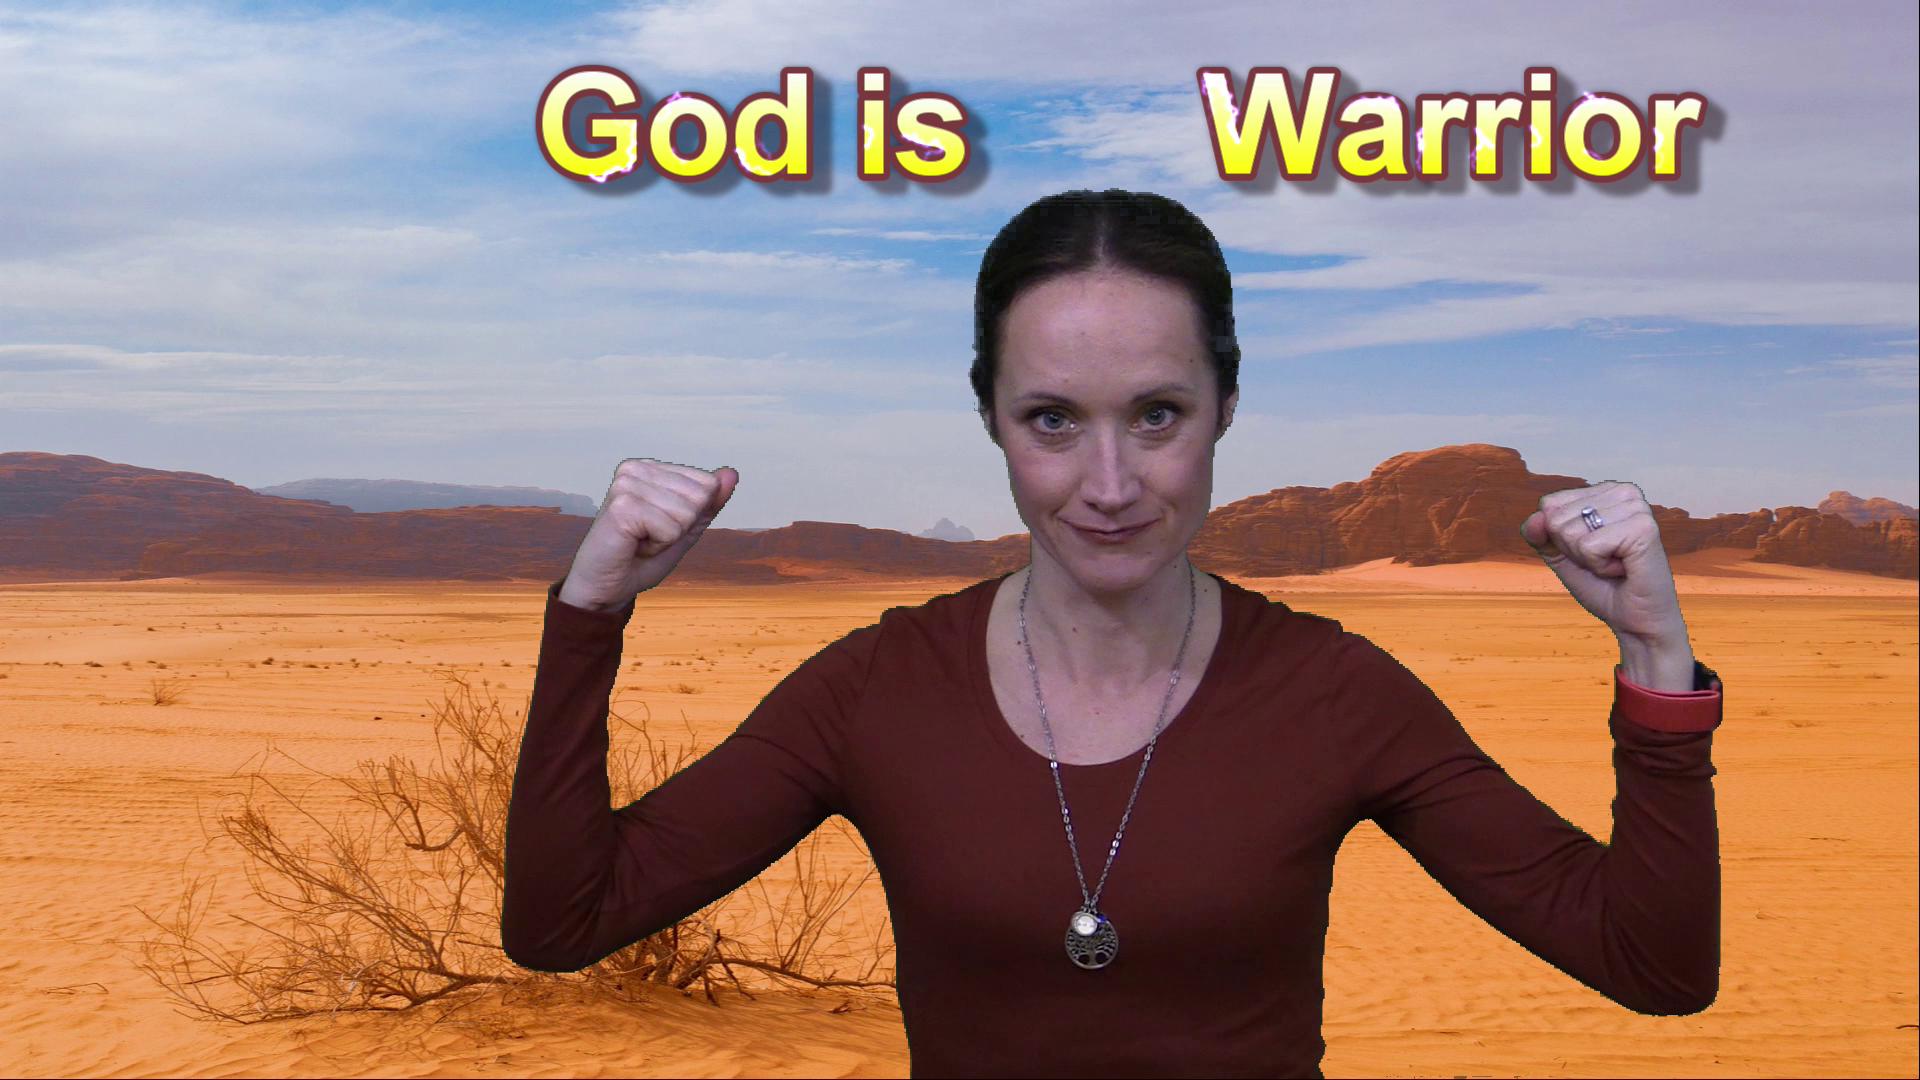 God is Warrior Image